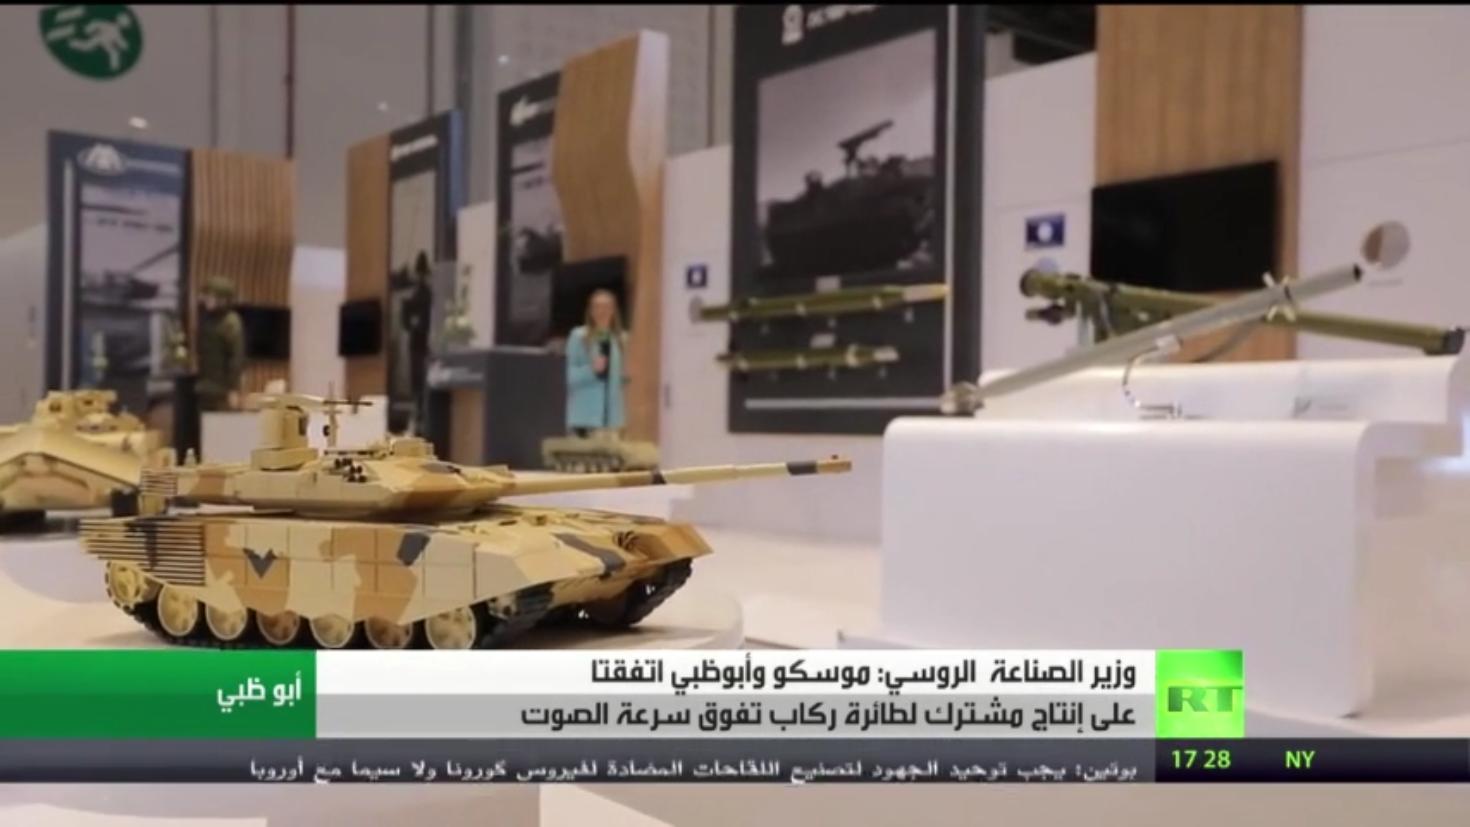 اتفاق لتصنيع أنظمة كورنيت الروسية في الأردن